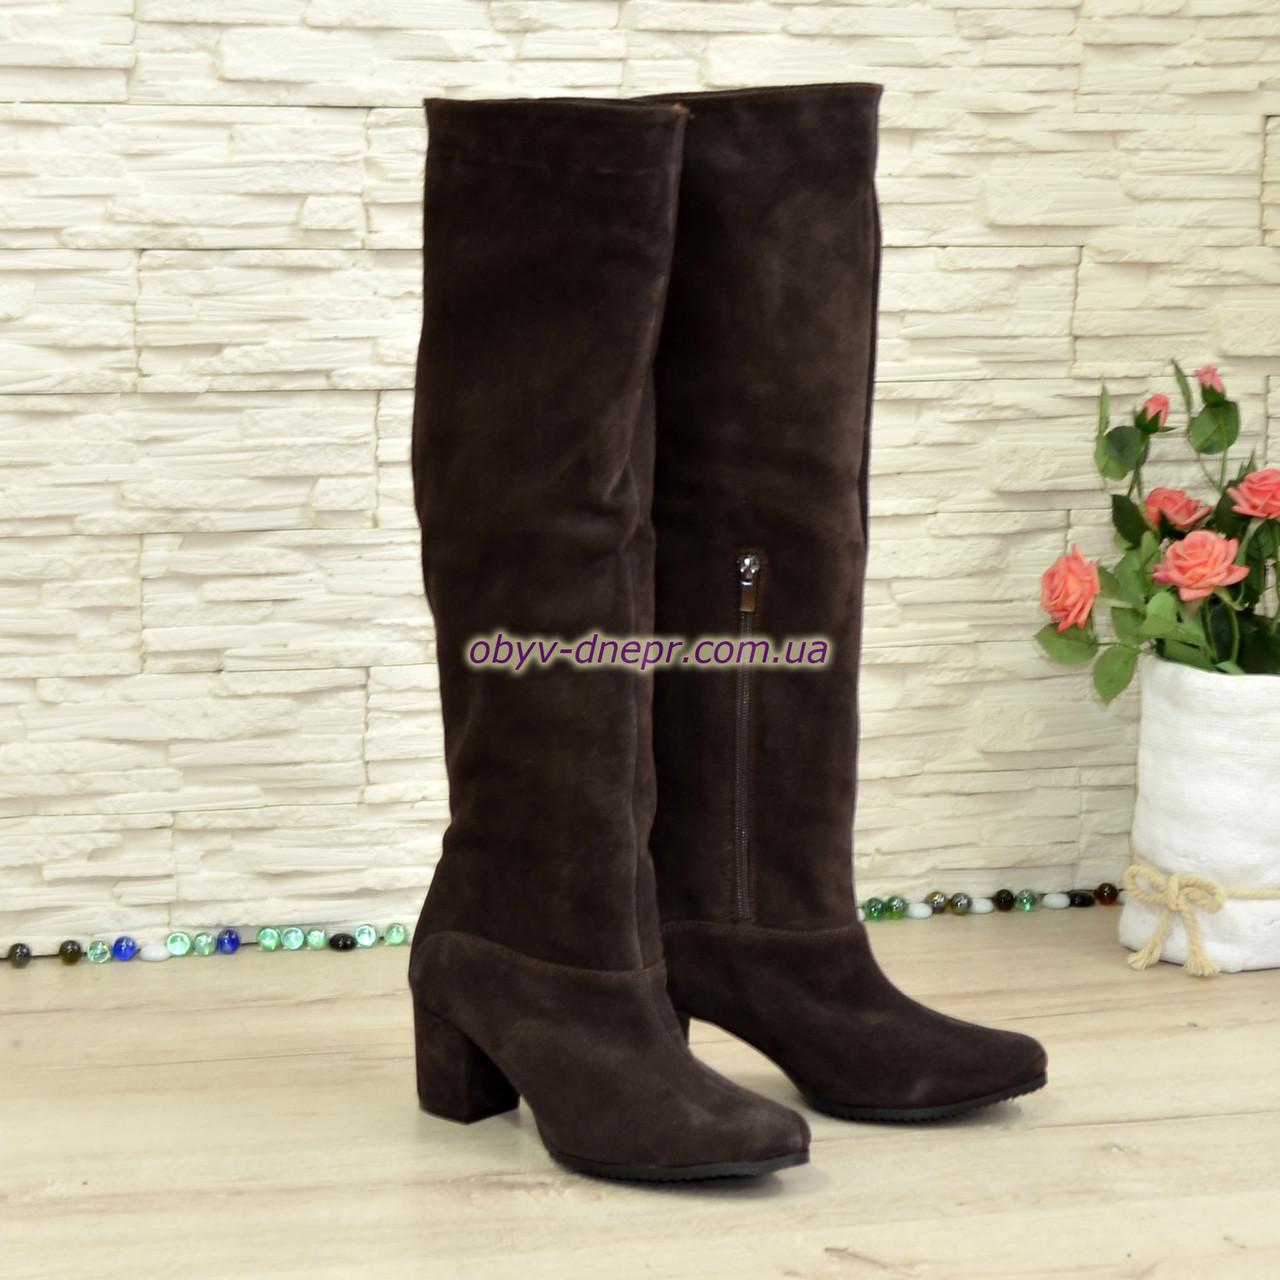 Замшевые зимние ботфорты трубы на устойчивом каблуке, цвет коричневый. 40 размер